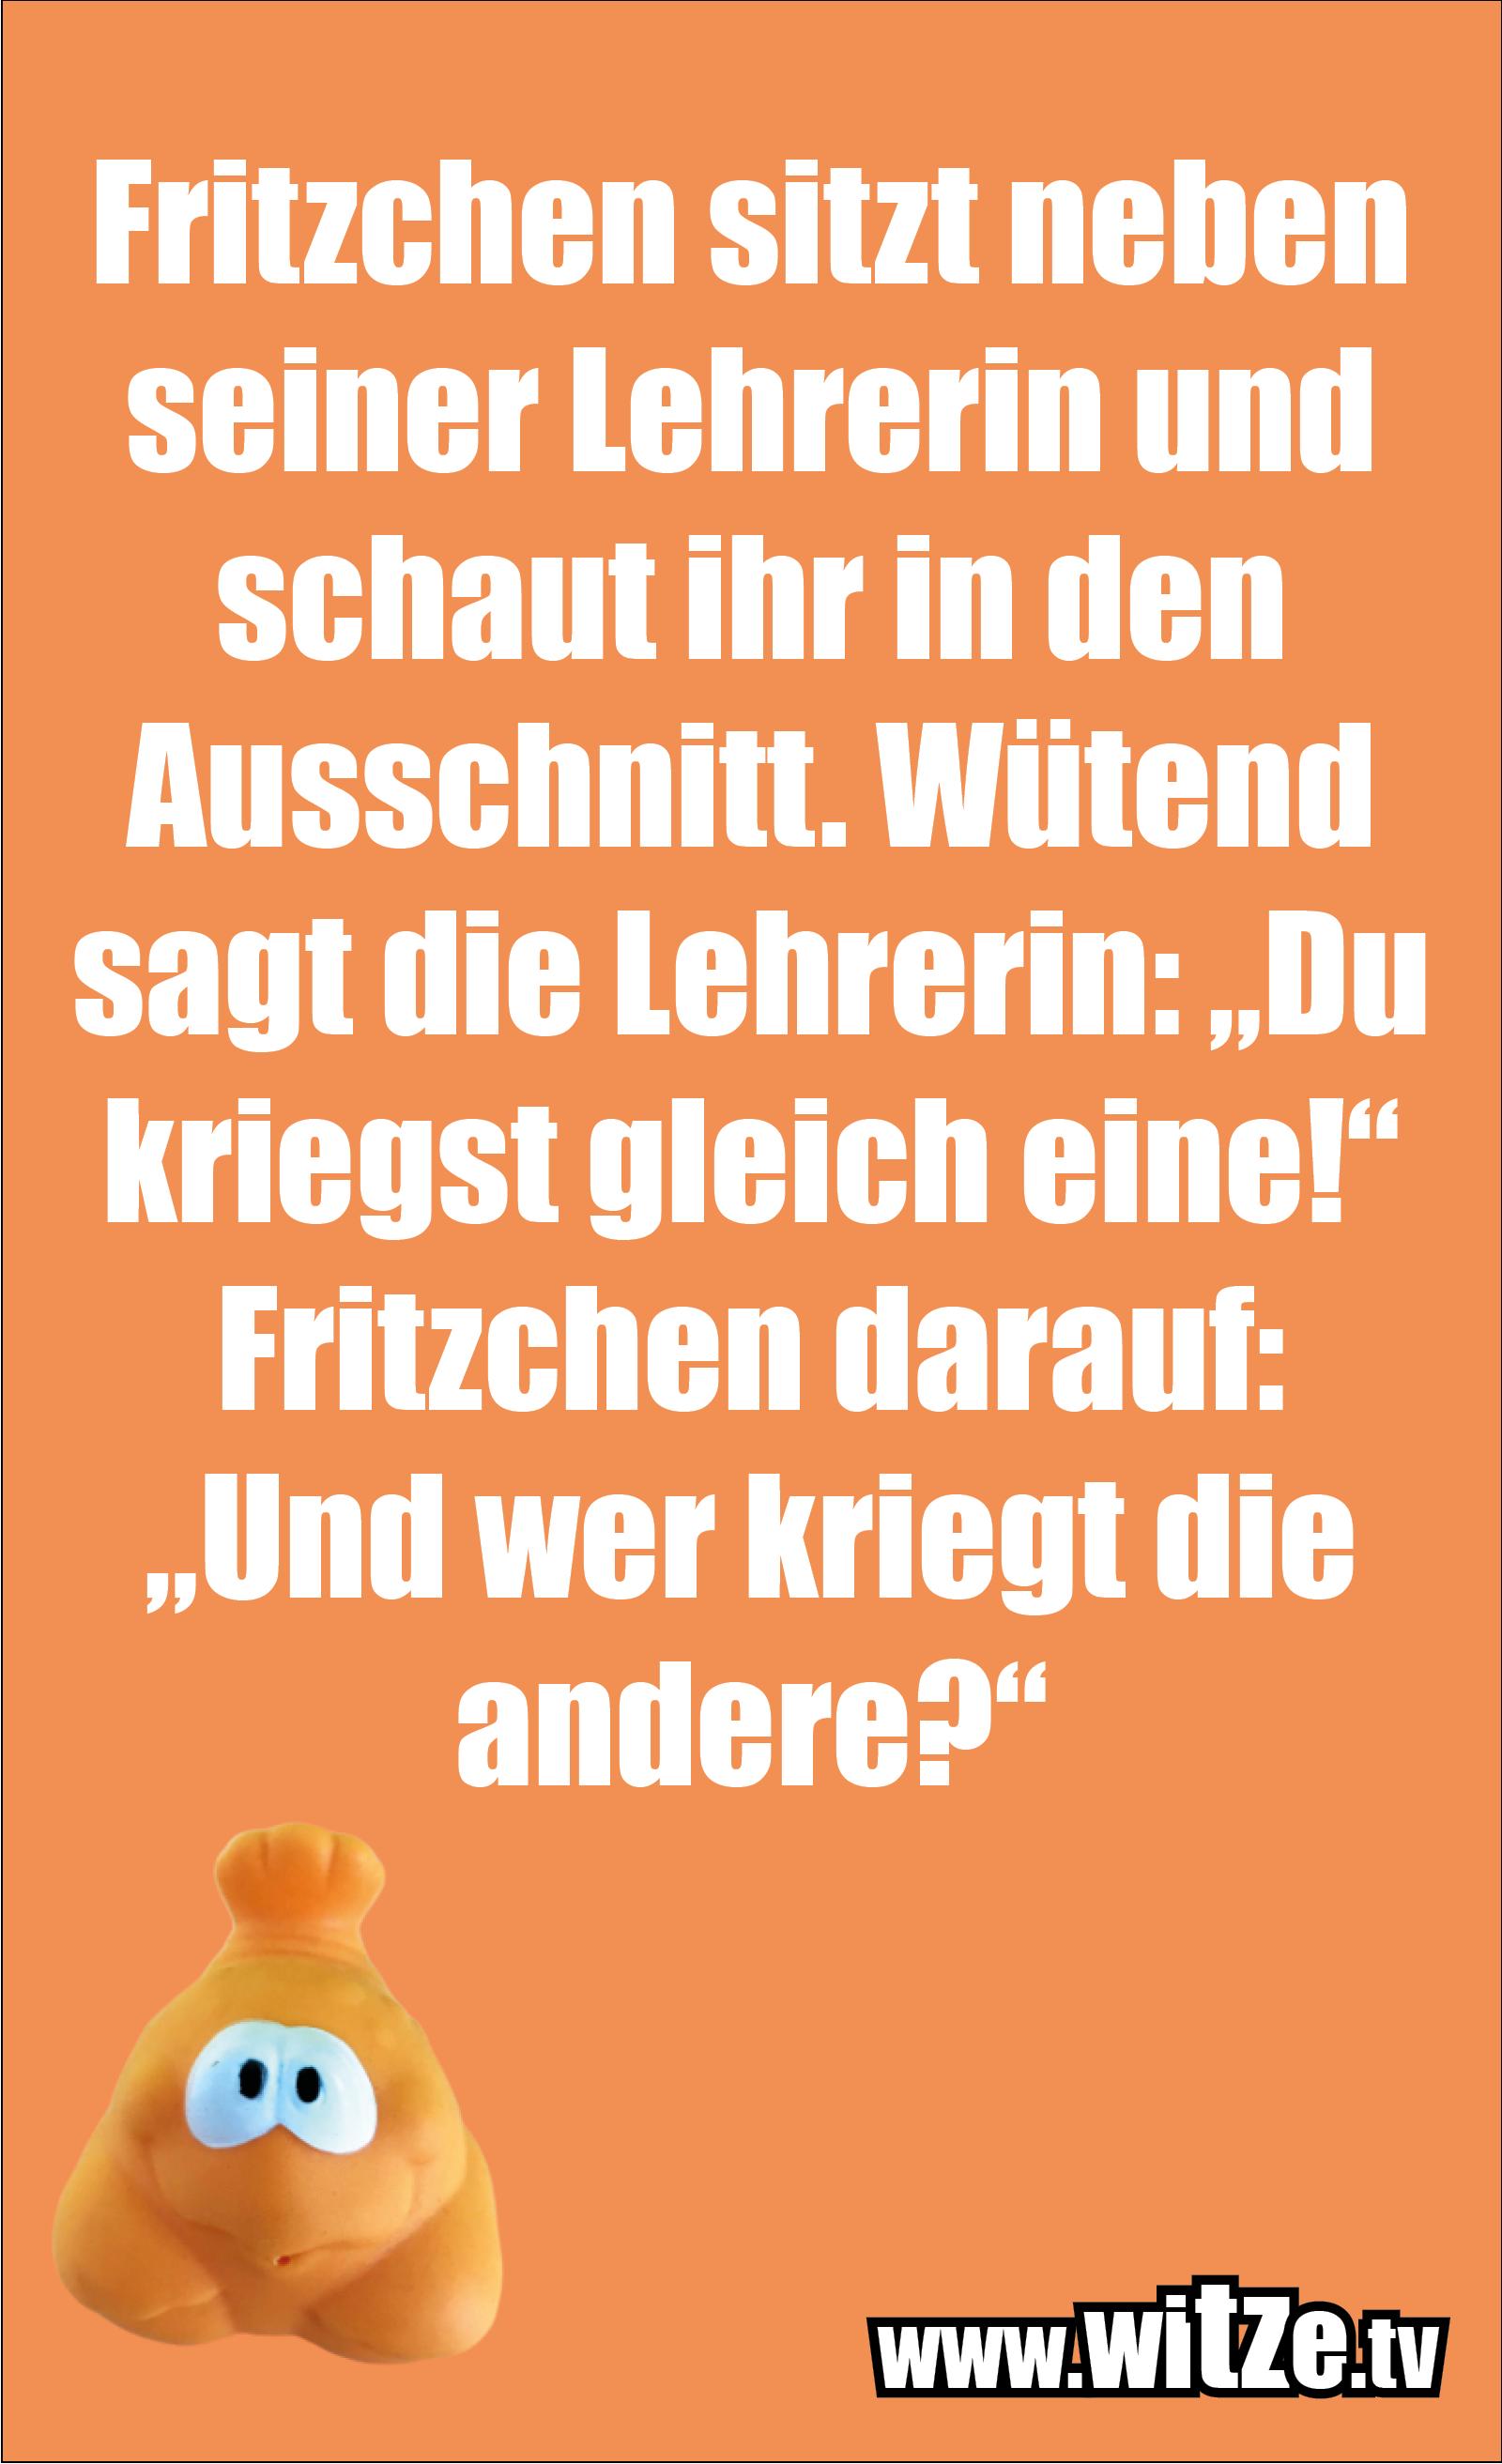 Das ist Humor... Fritzchen sitzt neben seiner Lehrerin...